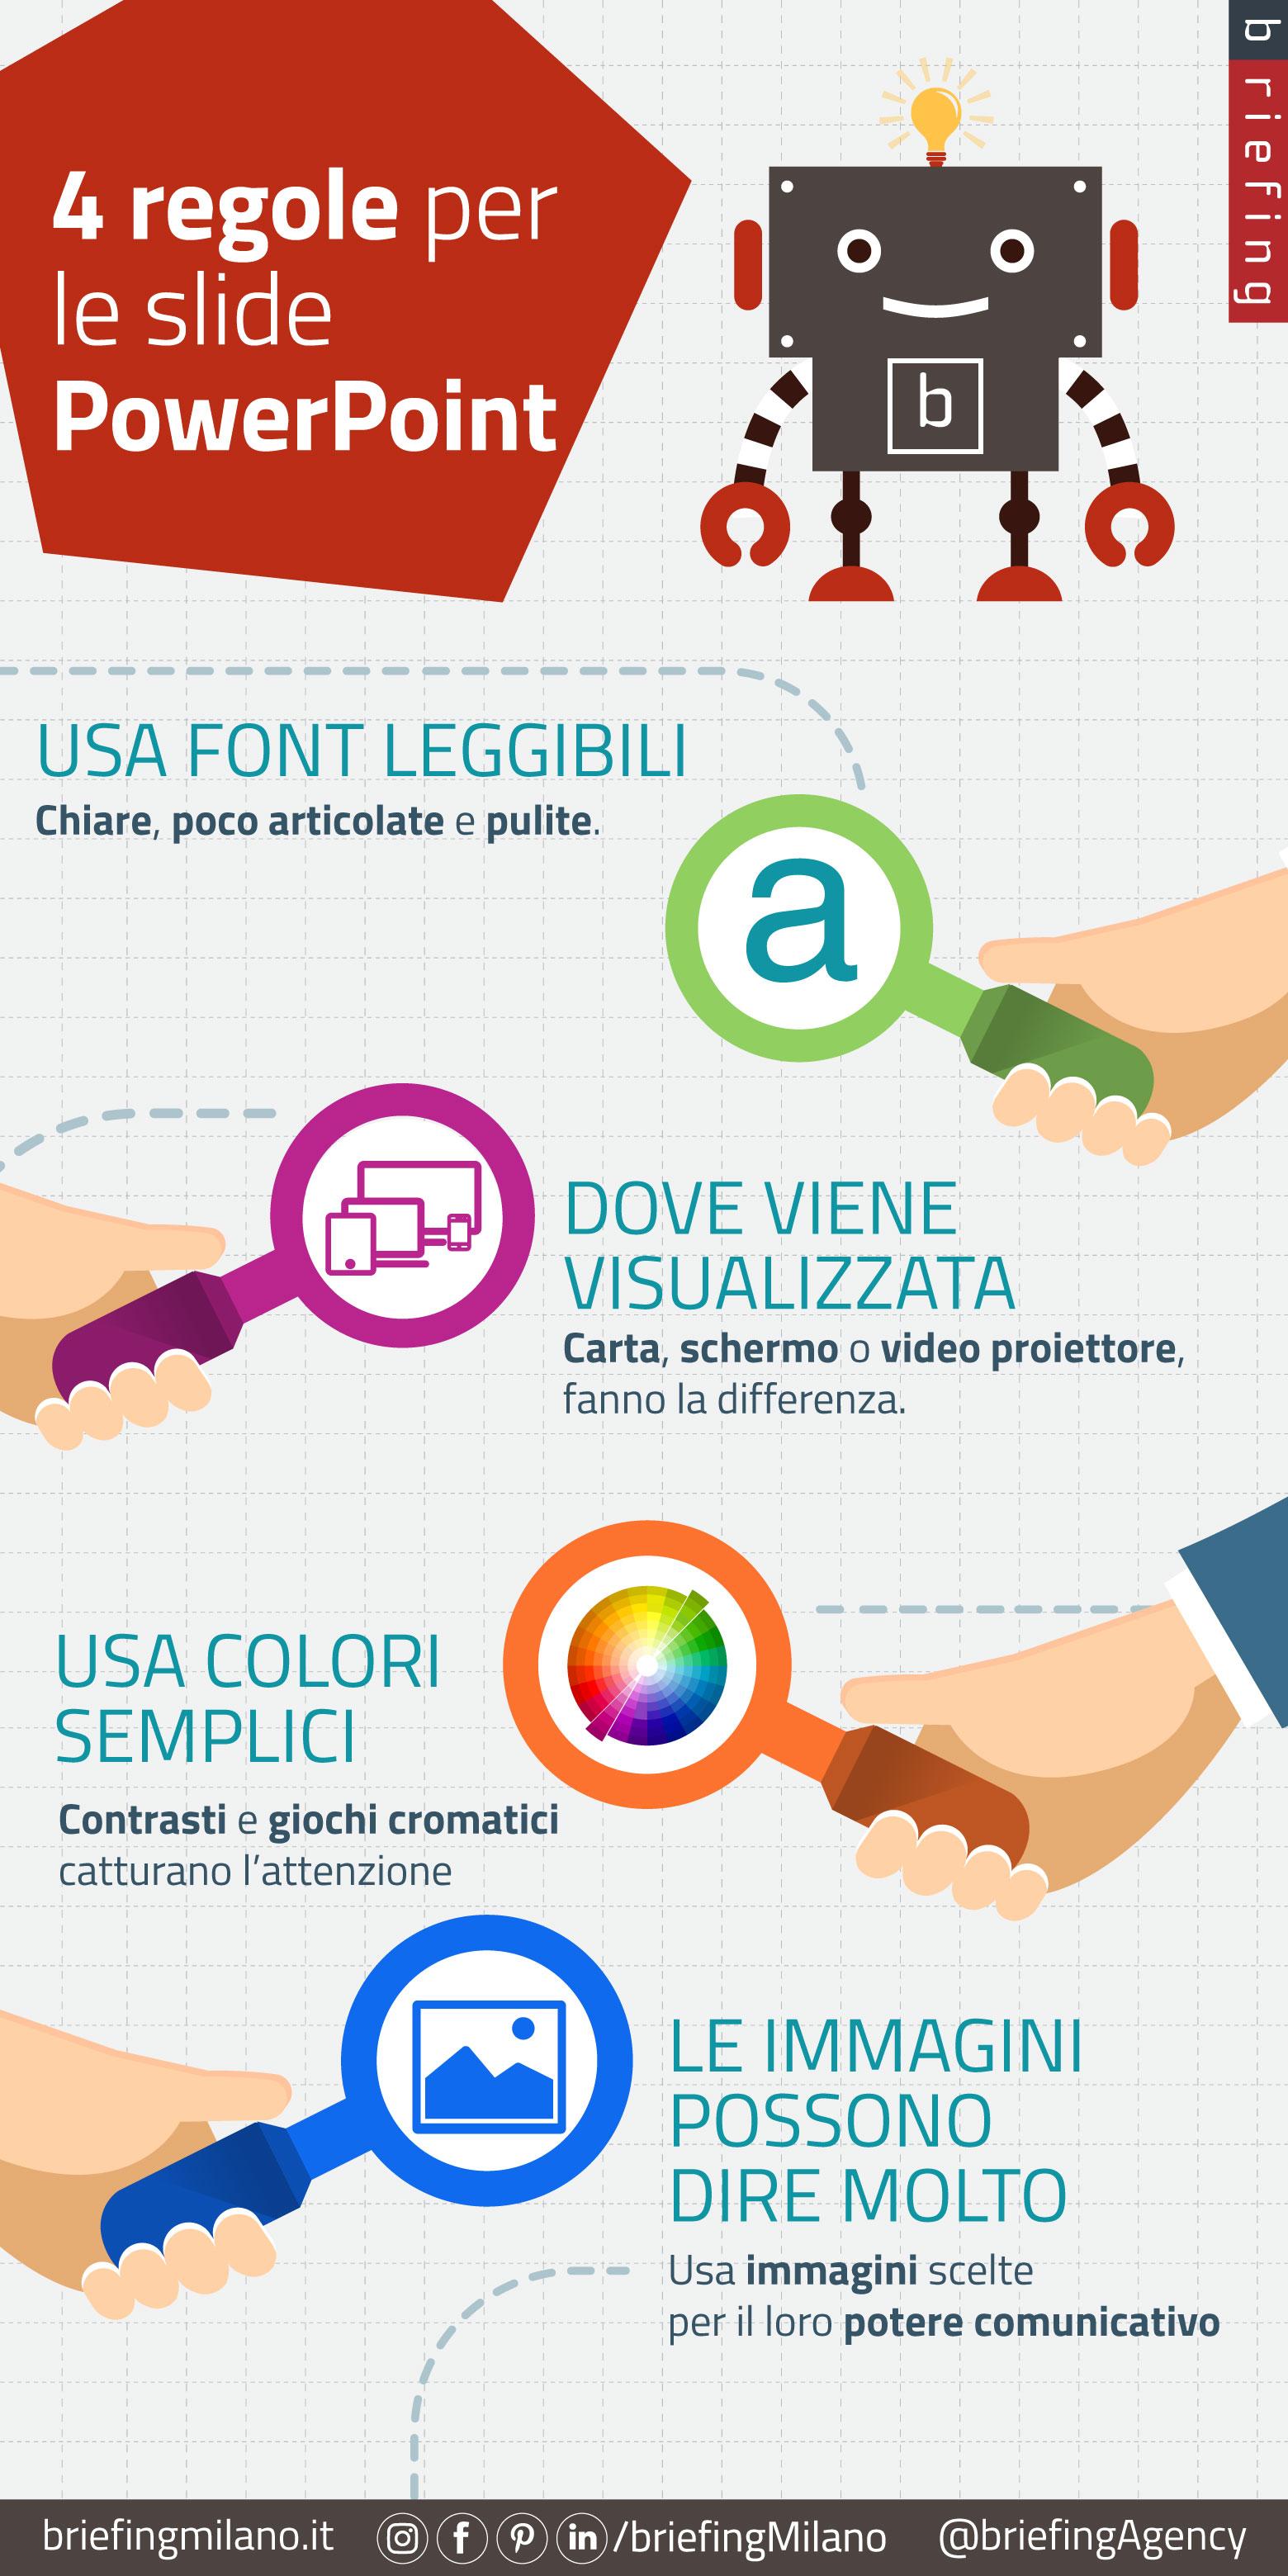 Quattro semplici regole<br />per presentazioni efficaci con Powerpoint | Web Tips n' Pills [Infografica]